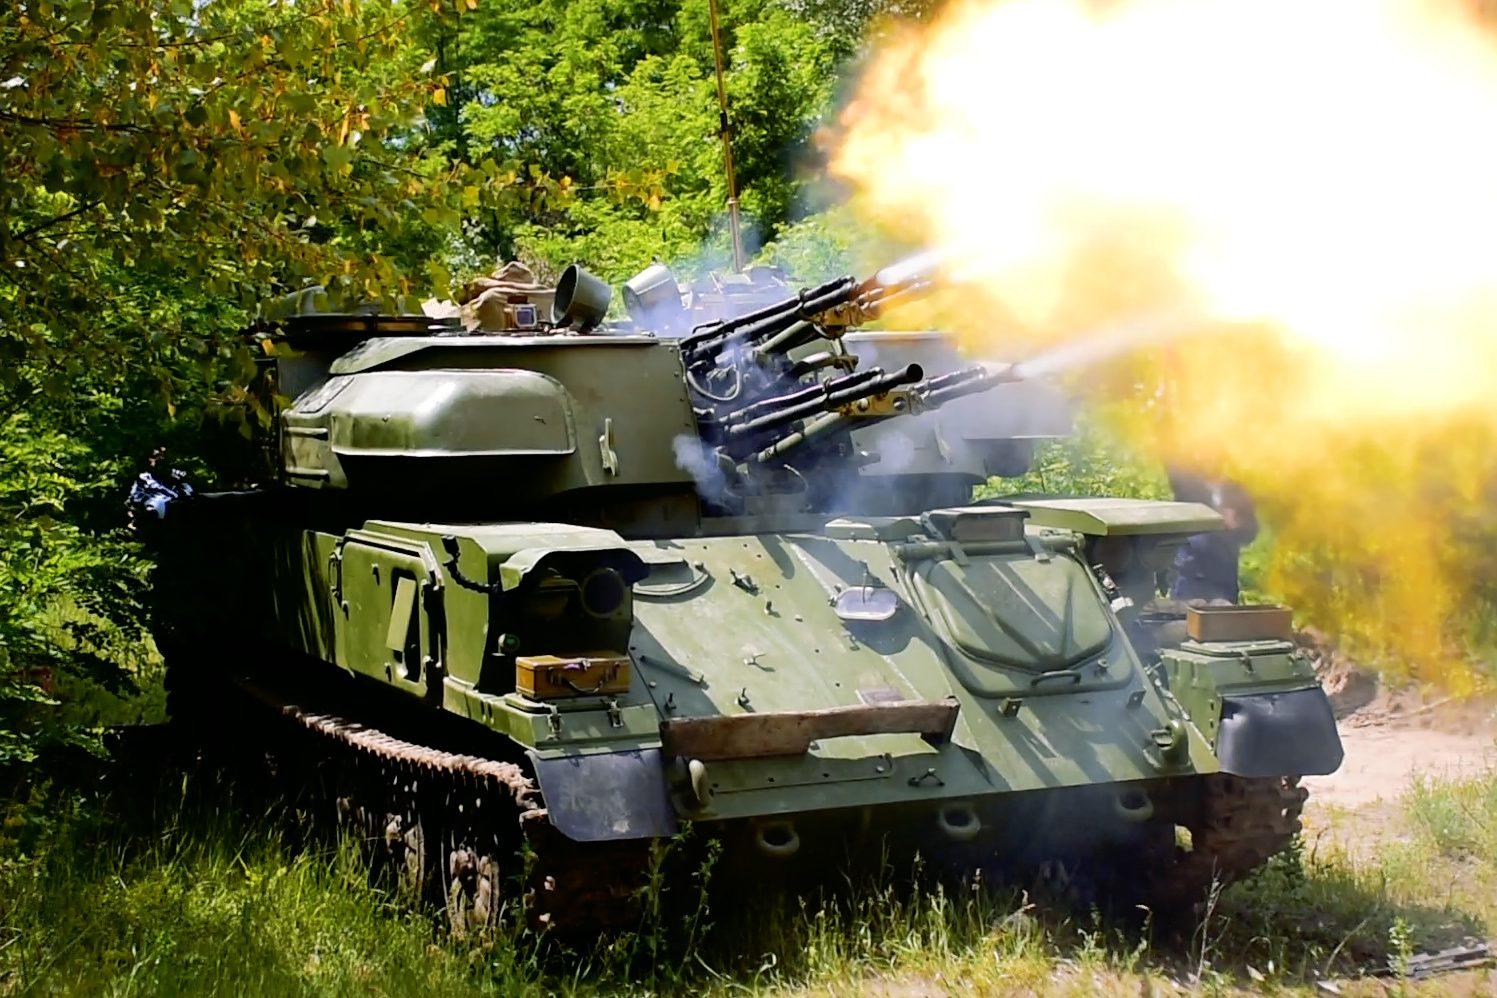 ВУкраїні провели випробування зенітно-гарматного комплексу «Шилка» (фото, відео)